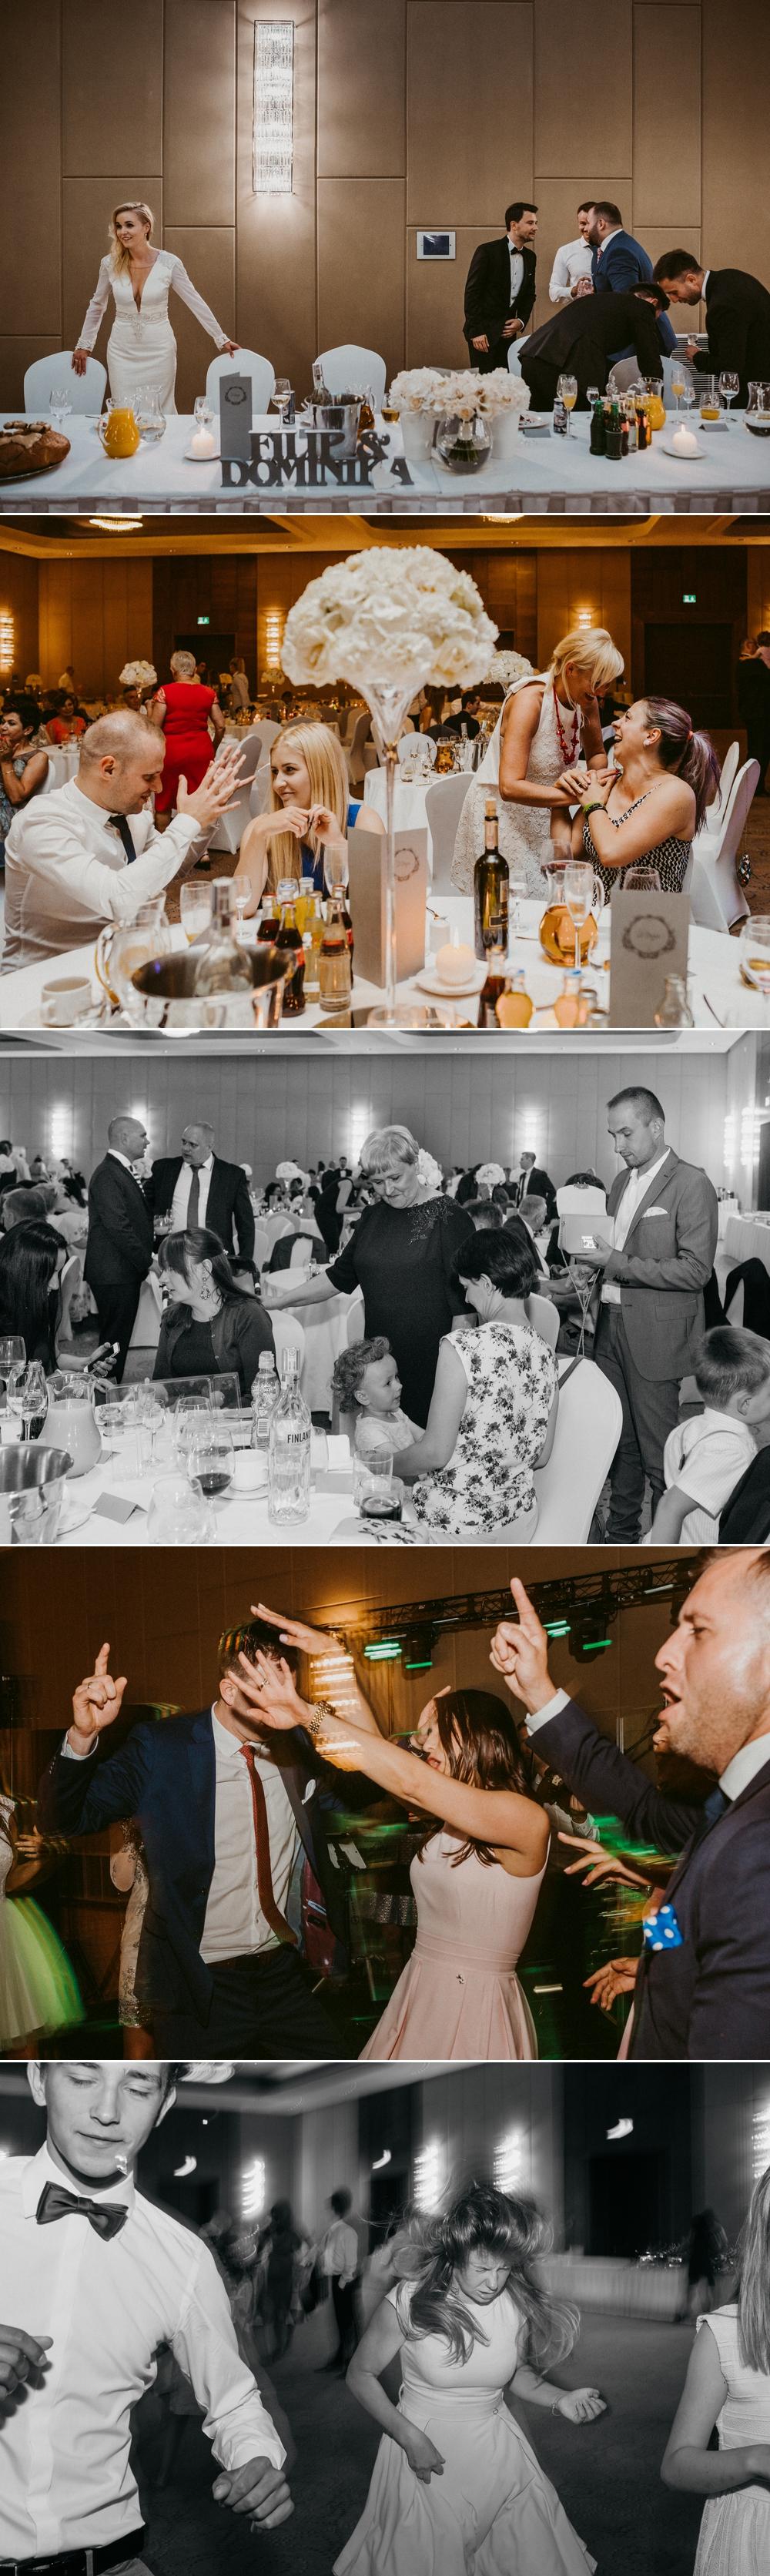 zdjęcia ślubne kraków, fotografia ślubna, zdjecia slubne krakow, ślub w krakowie, reportaż ślubny, fotograf ślubny kraków